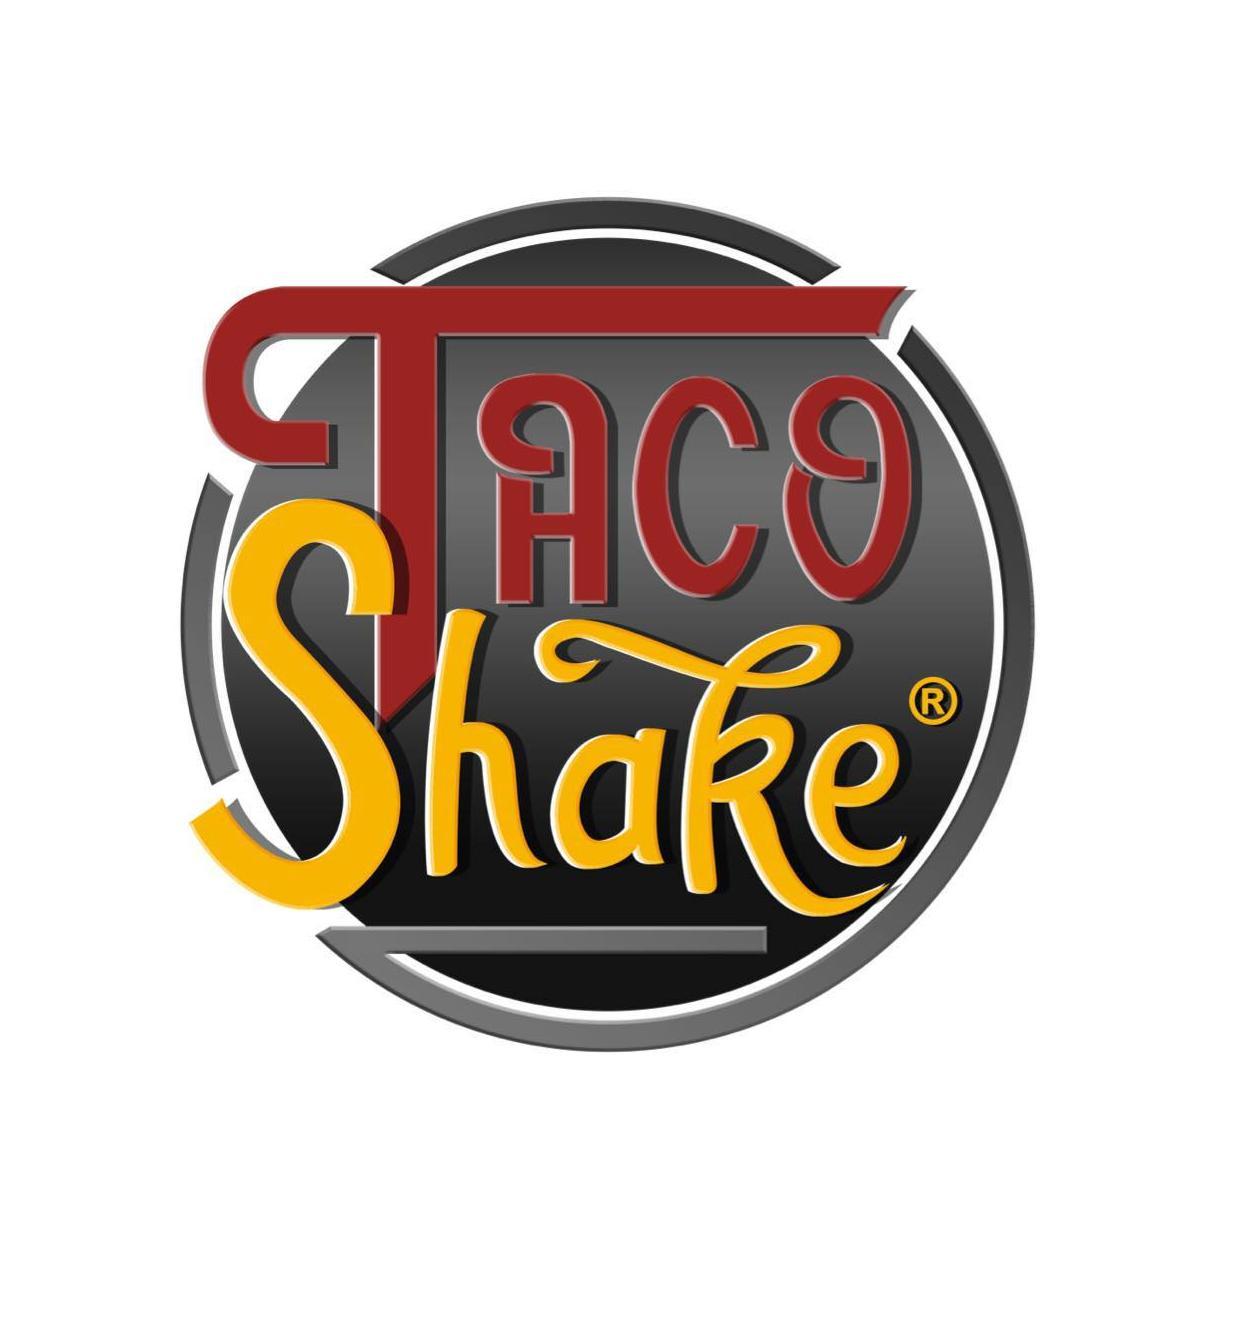 TacoShake